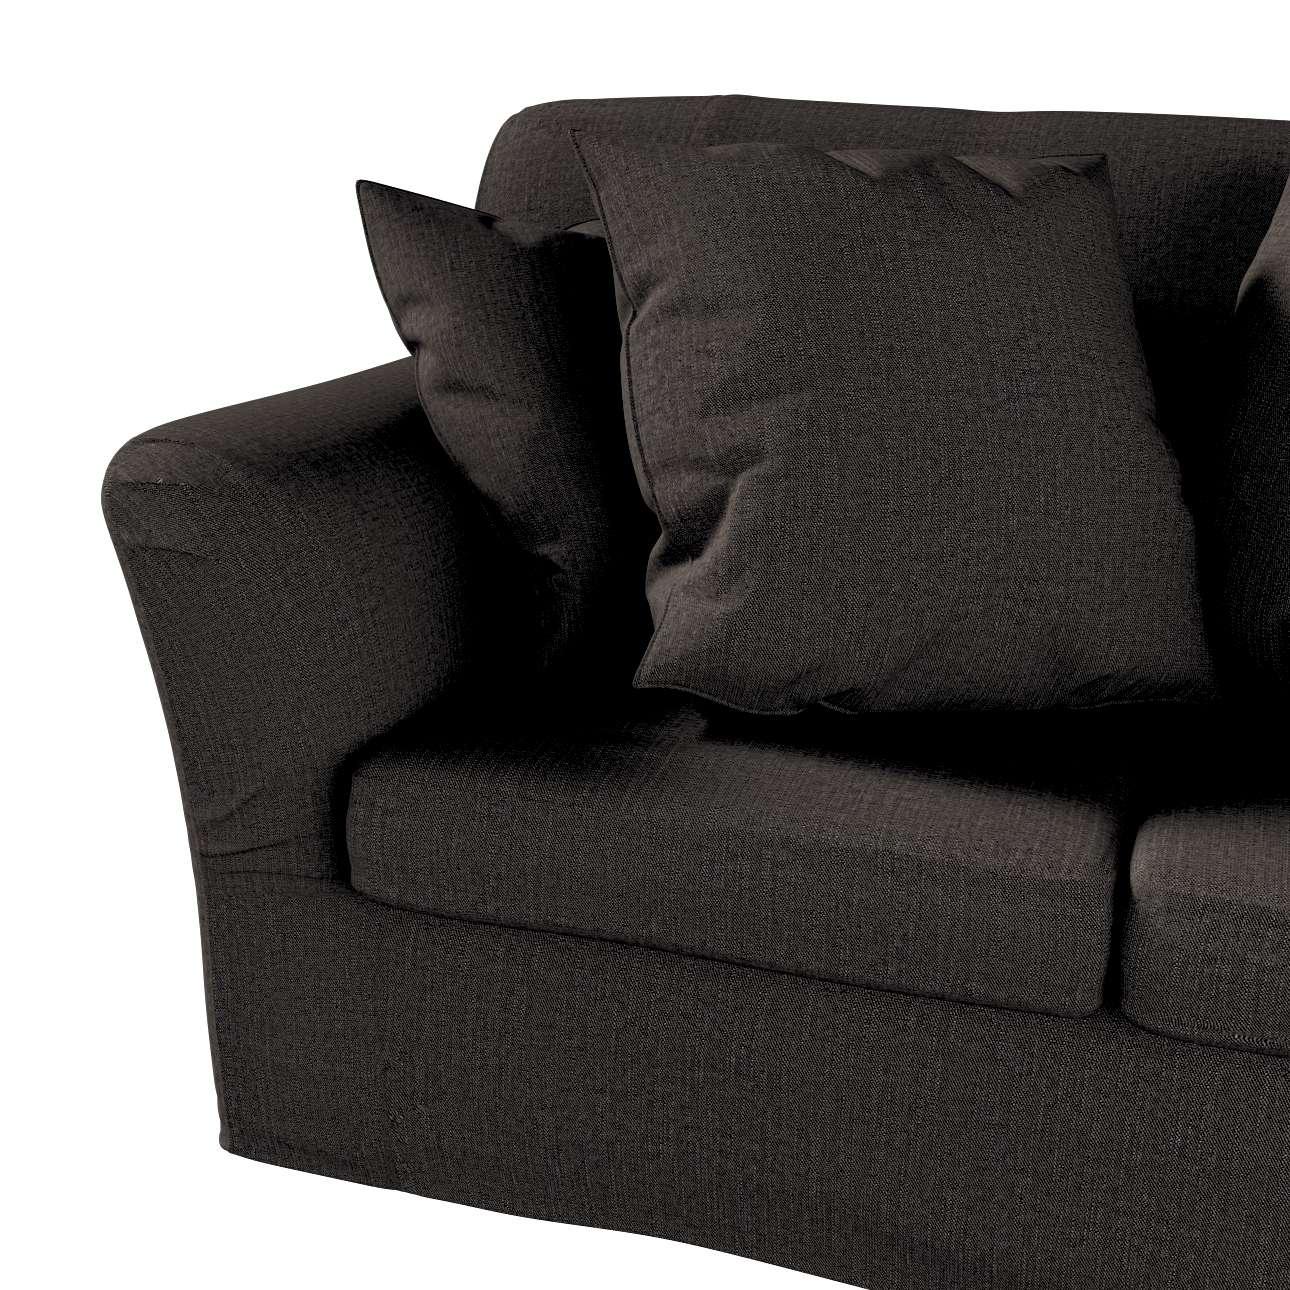 Pokrowiec na sofę Tomelilla 2-osobową nierozkładaną w kolekcji Etna, tkanina: 702-36